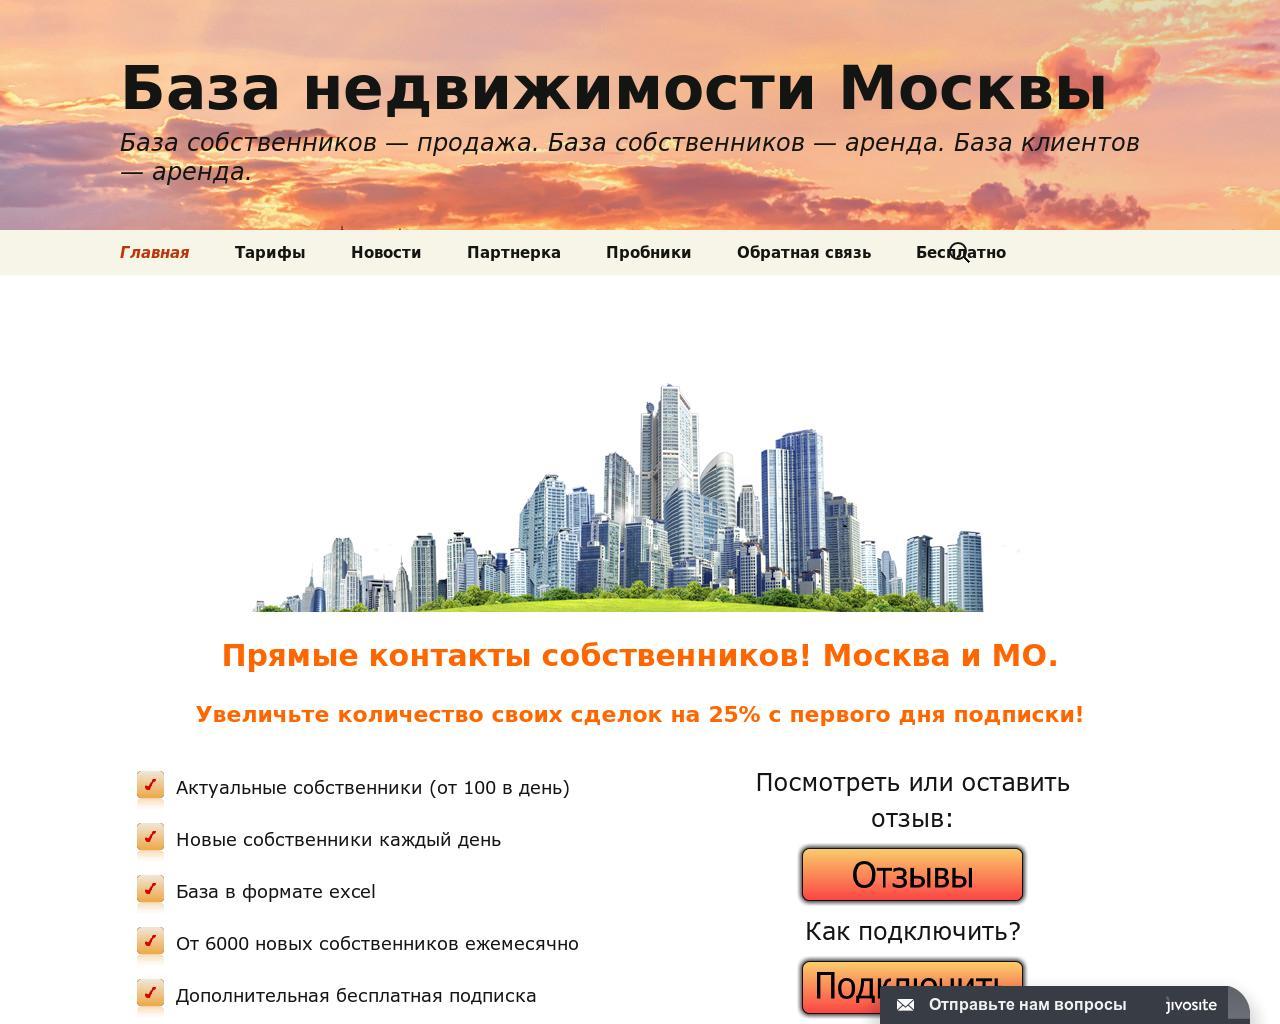 Базы недвижимости москвы аренда последних